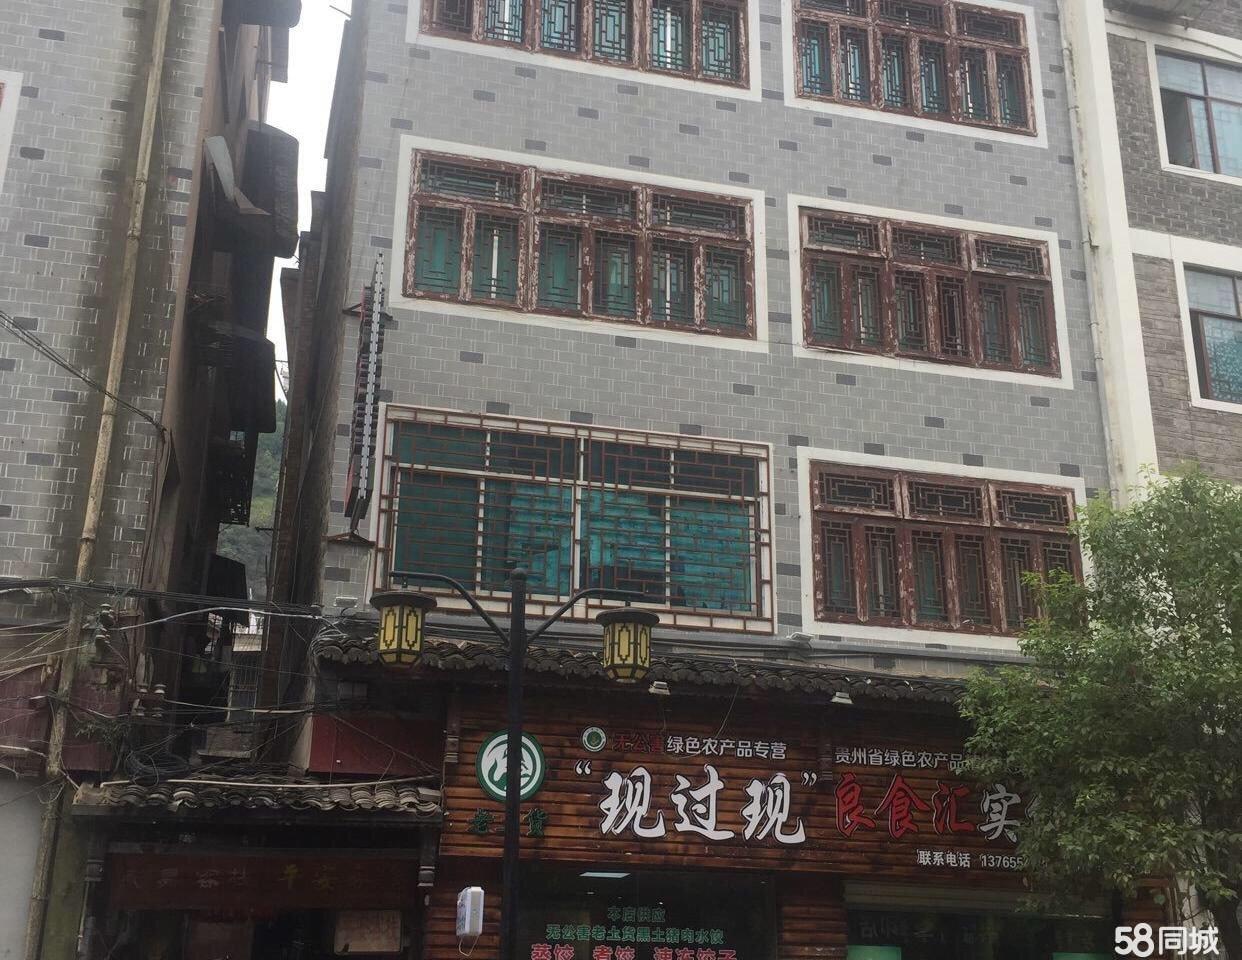 镇远古镇联合街自建楼房出售,4楼一底共5层,门面长期出租,